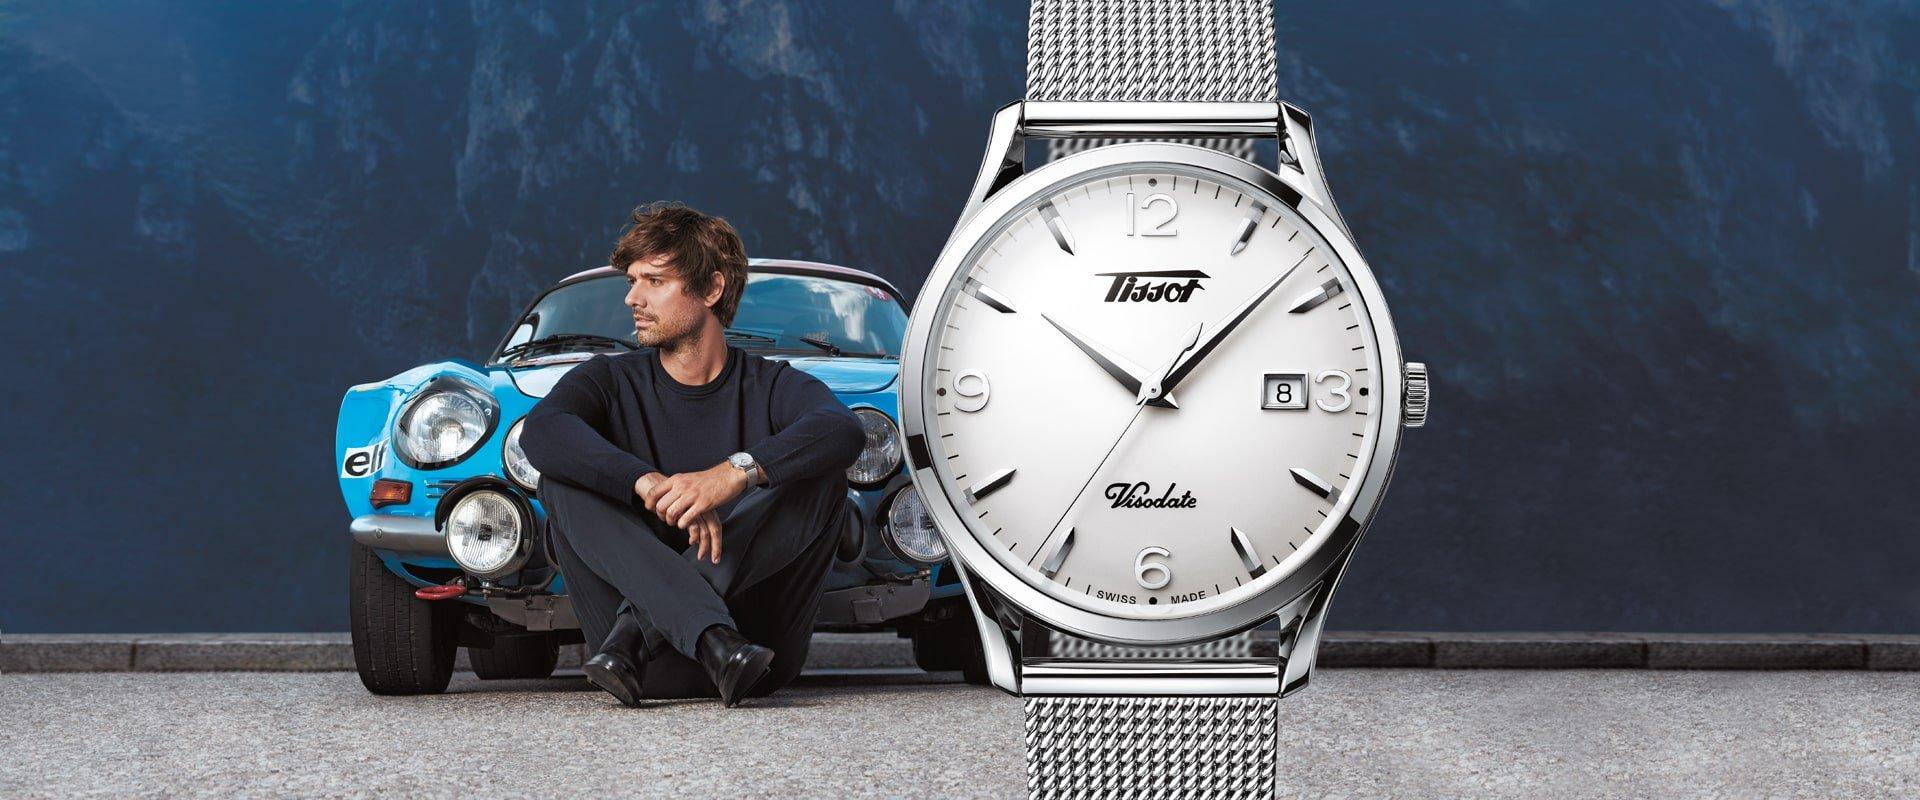 Klasyczny, męski zegarek Tissot T018.410.11.277.00 HERITAGE VISODATE AUTOMATIC na bransolecie typu mesh ze stali oraz kopercie również ze stali. Tarcza zegarka jest w białym kolorze z przejrzystymi indeksami.